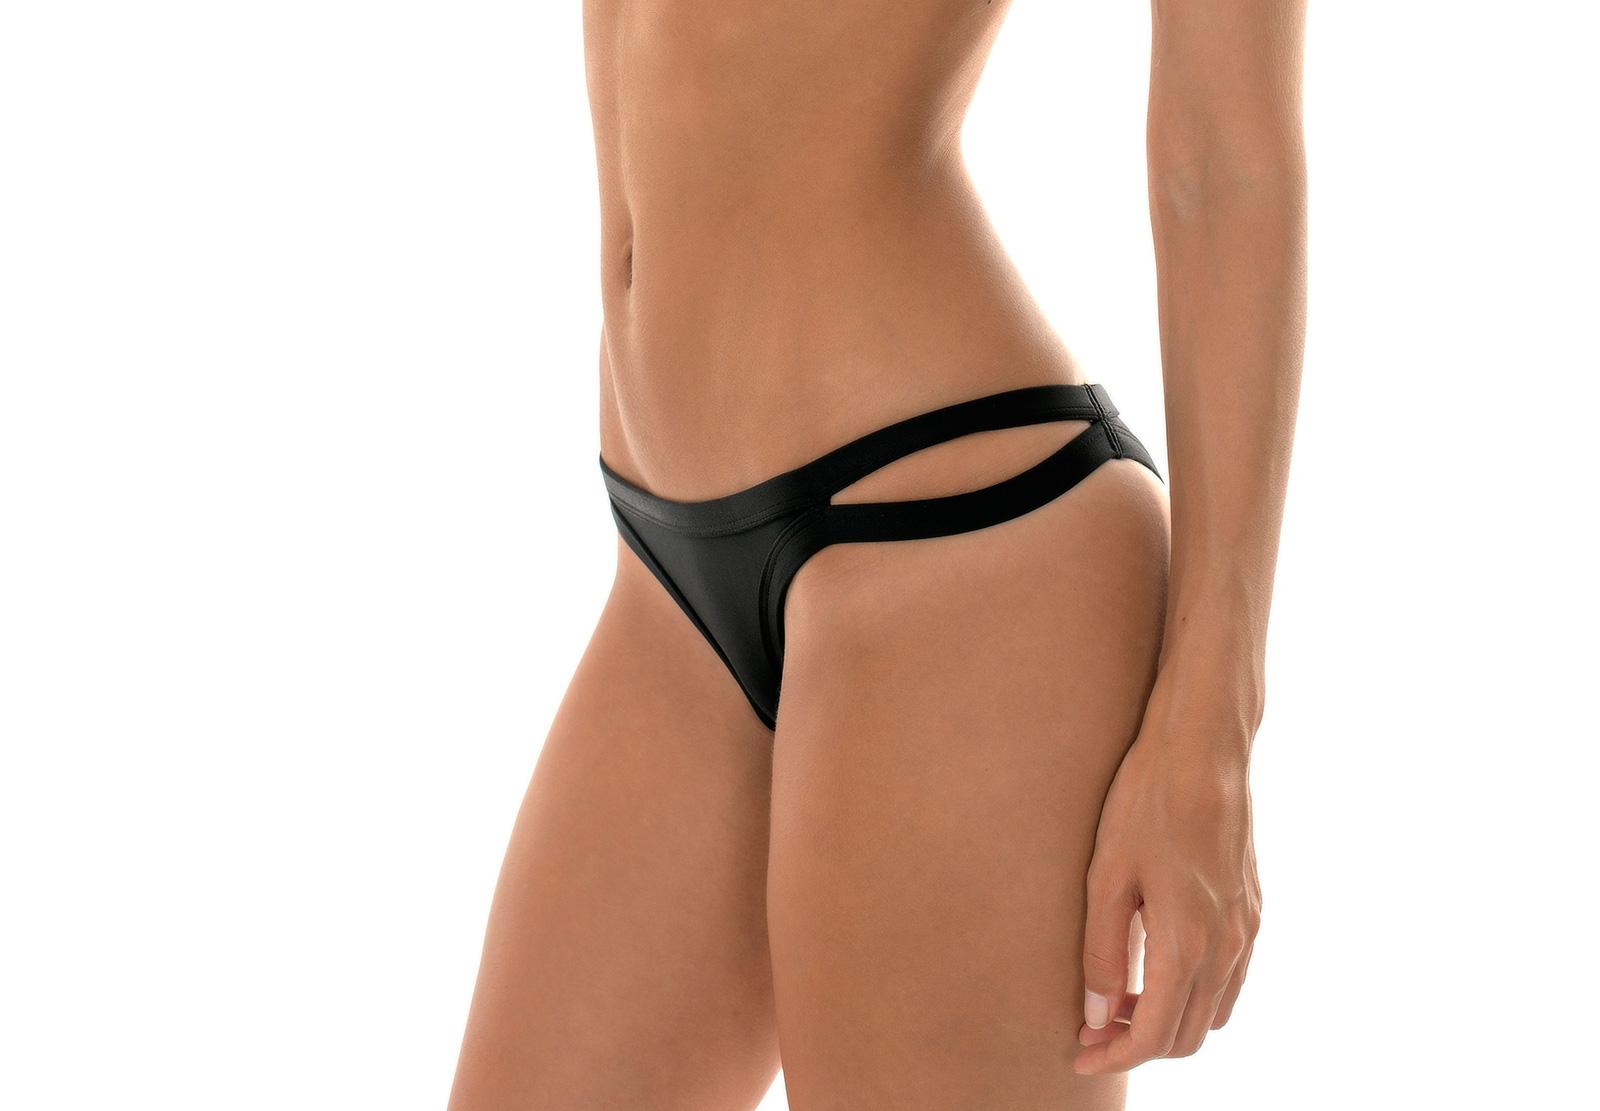 8a8a23bf25 Black Strappy Brazilian Bikini Bottoms - Calcinha Preto Cropped ...